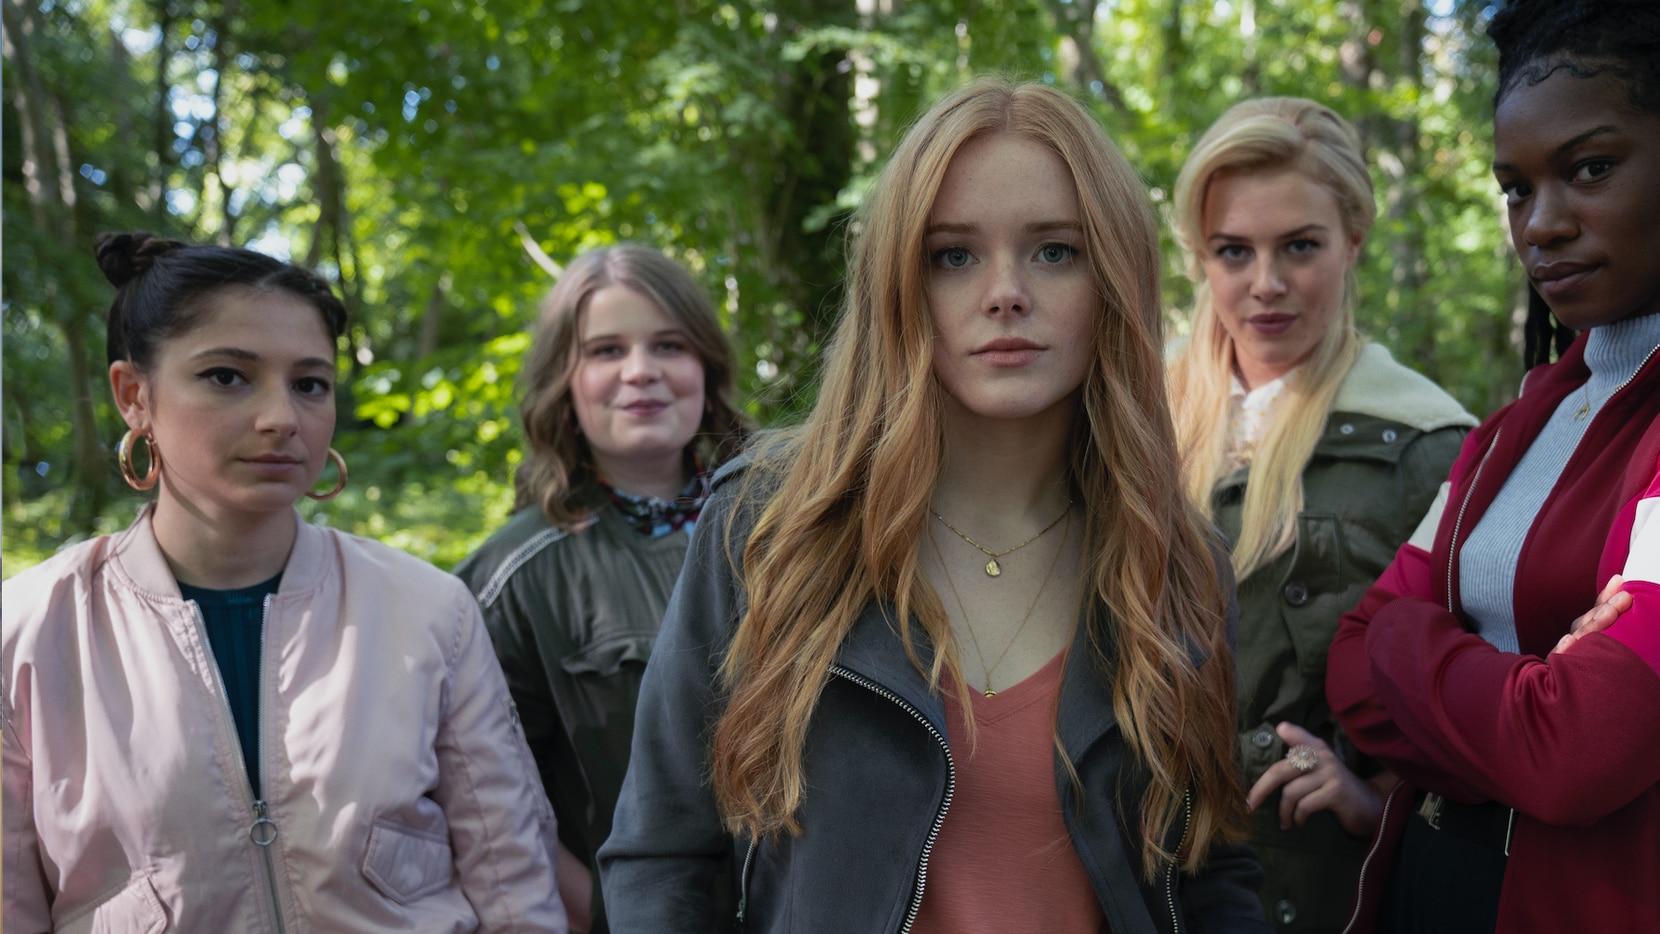 La serie sigue a un grupo de jóvenes hadas quienes se conocen en la Academia Alfea, donde se les enseña a controlar sus poderes mágicos para proteger el mundo de Magix y a sus habitantes.